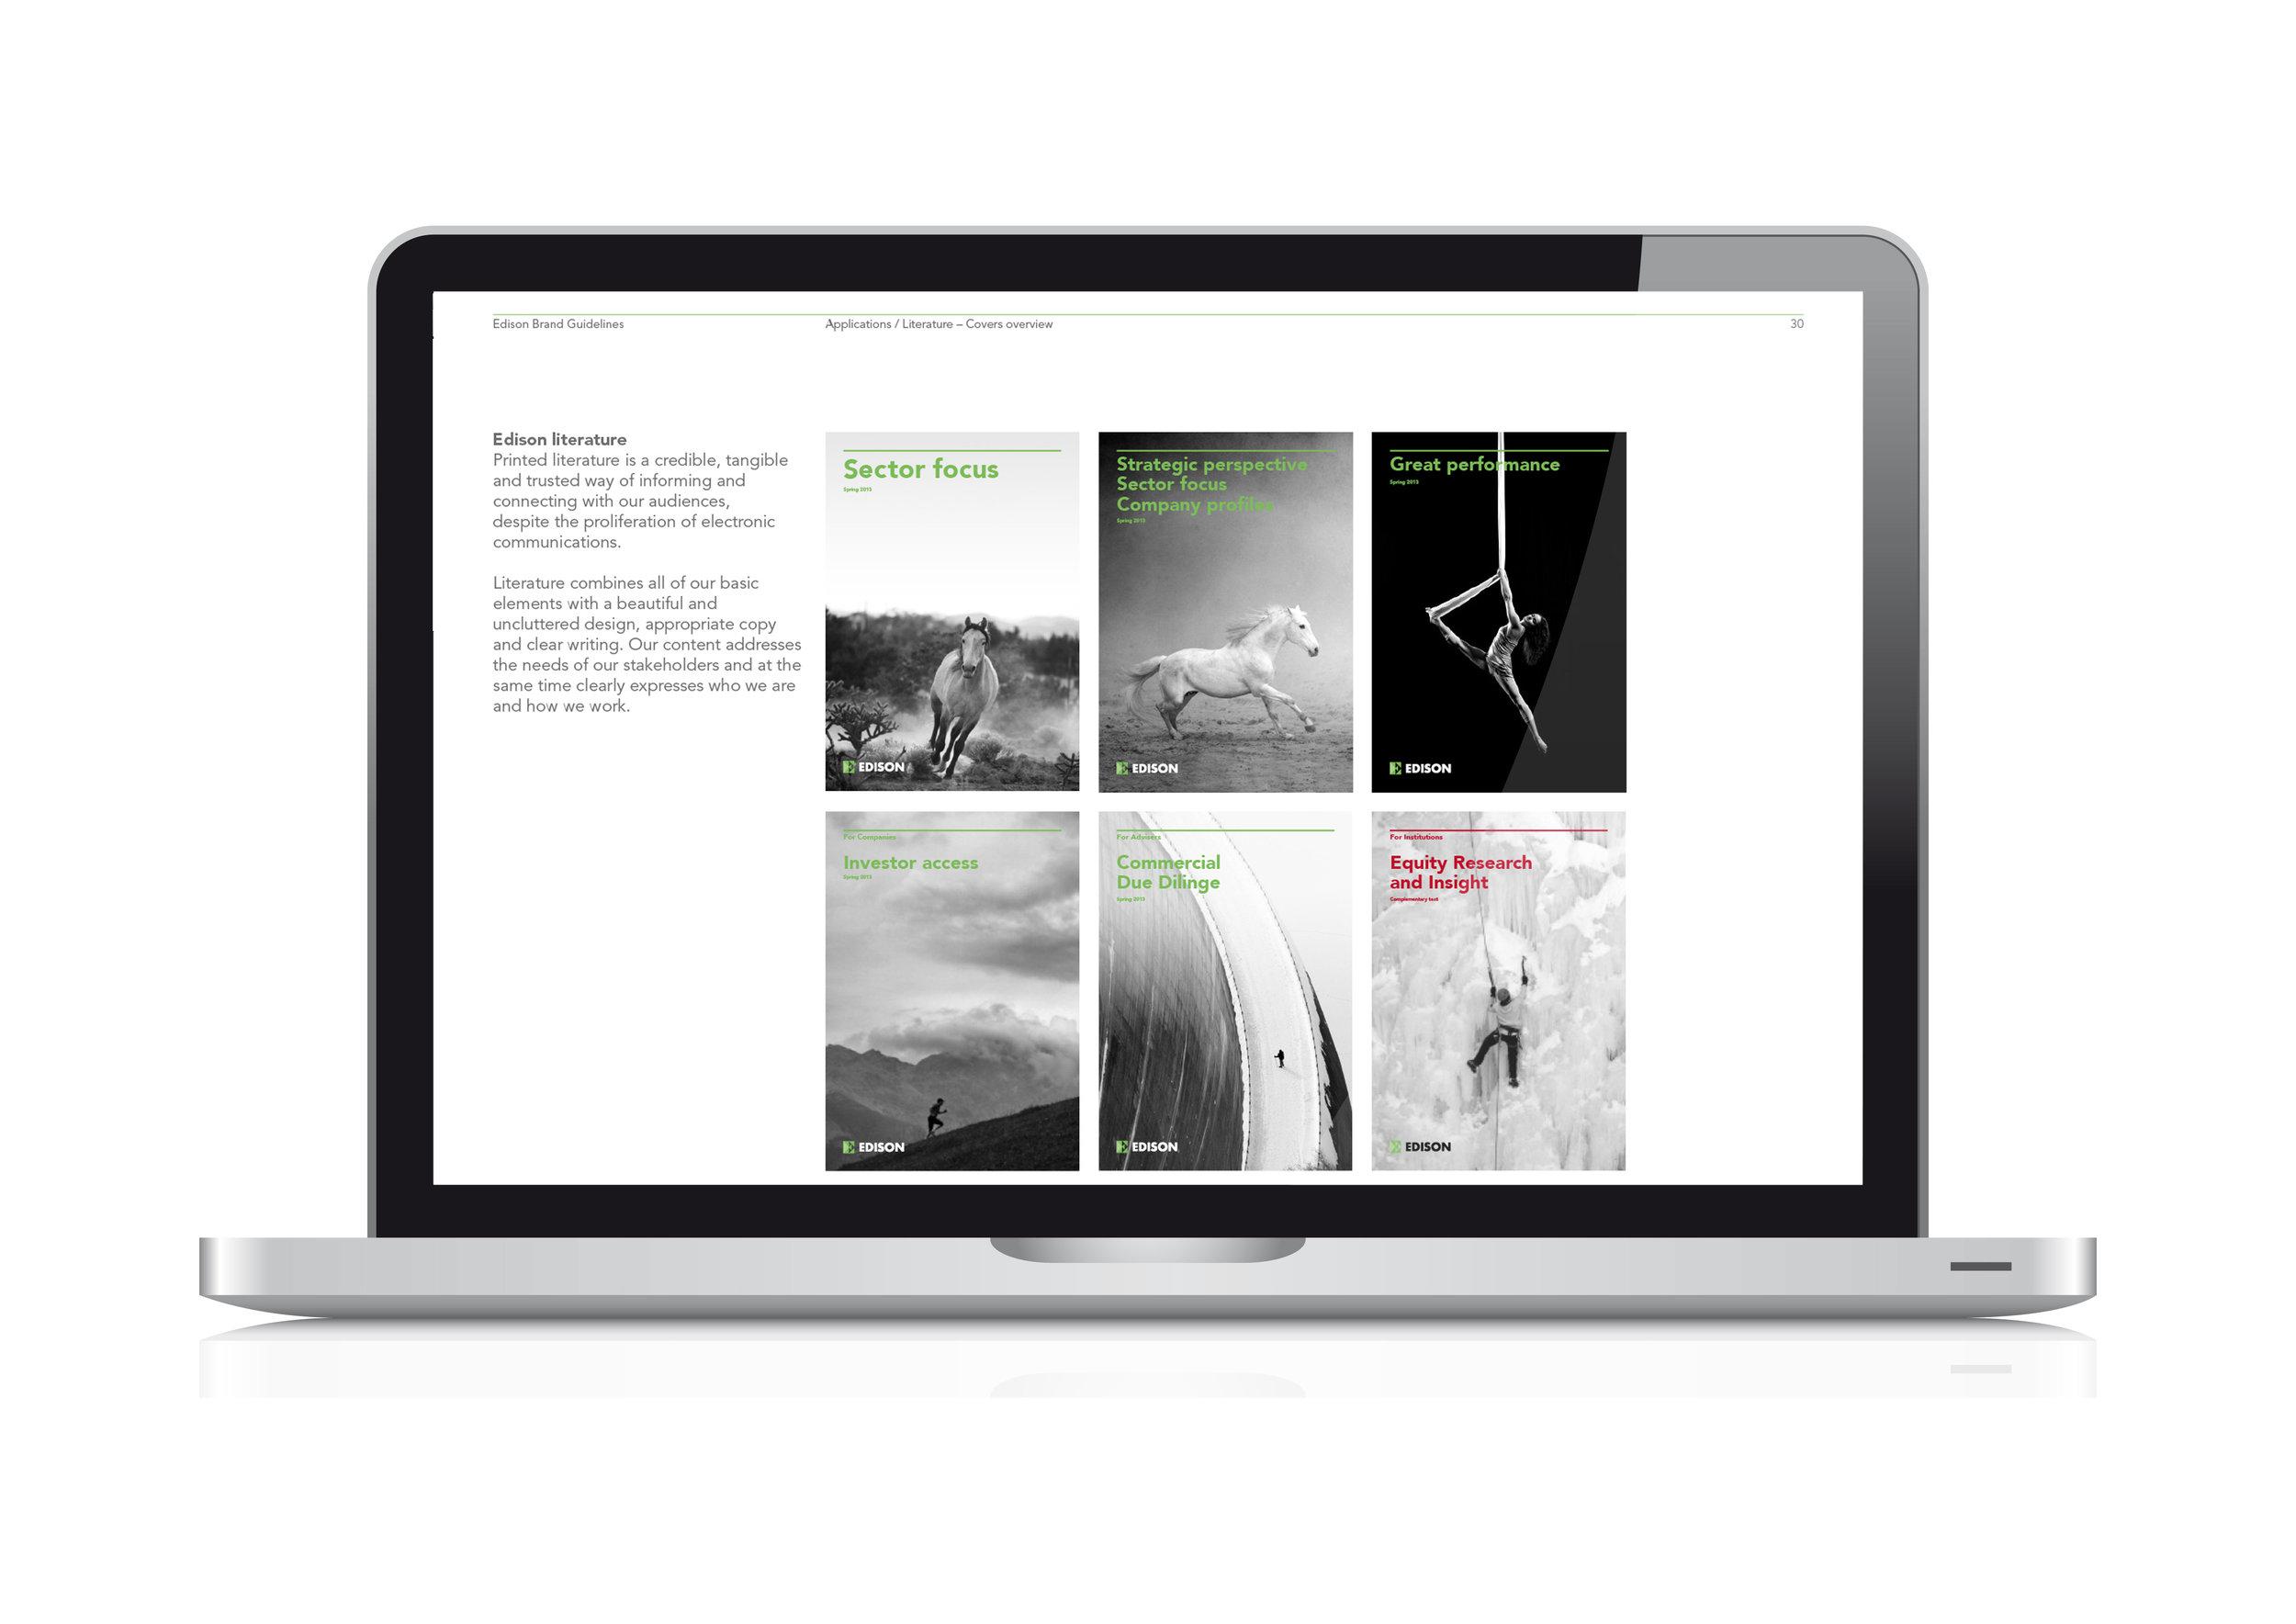 Edison_guidelines_iBook.jpg